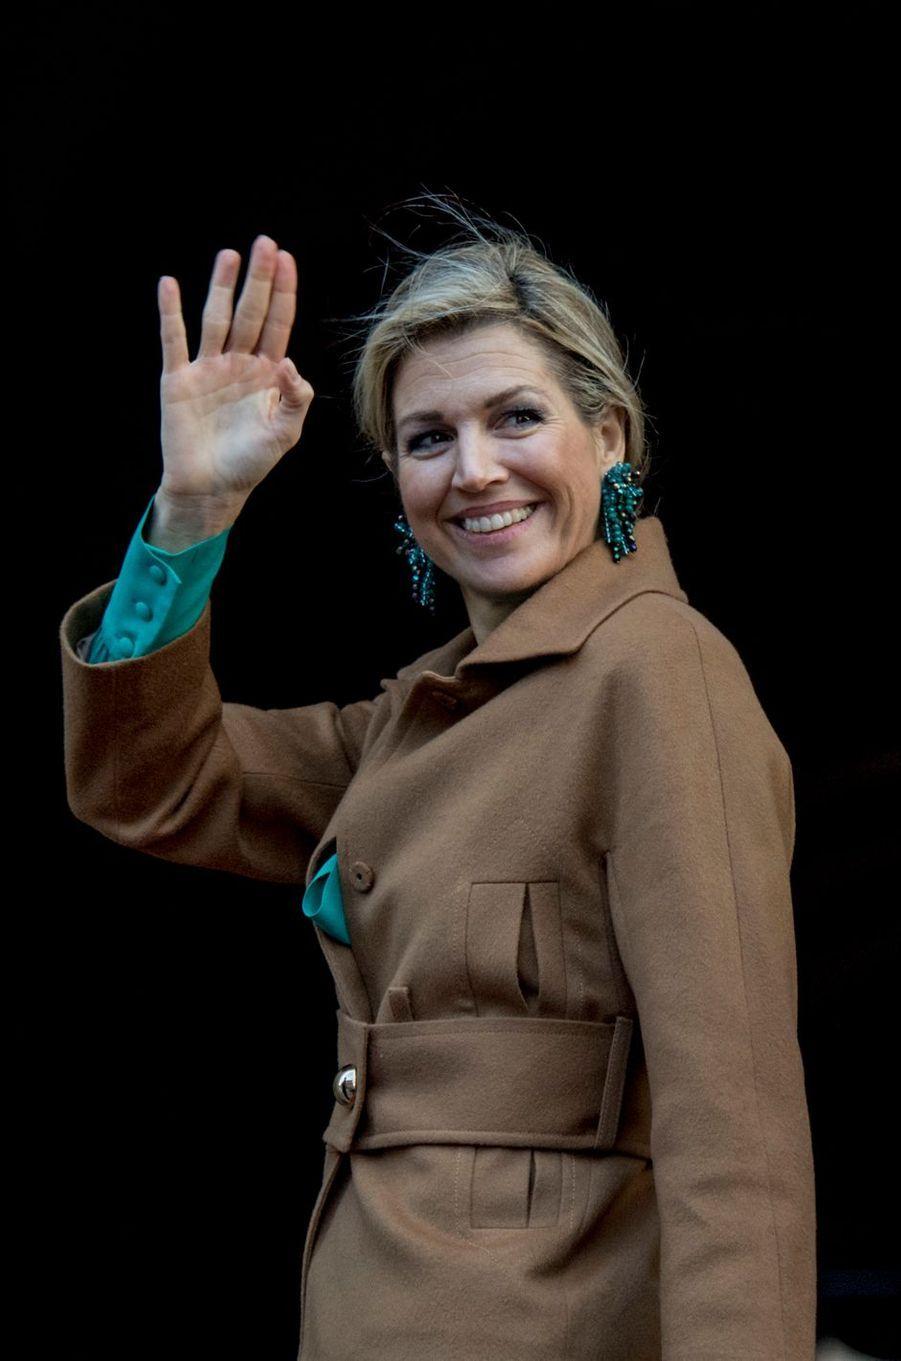 La reine Maxima des Pays-Bas arrive au Palais royal à Amsterdam, le 28 novembre 2017